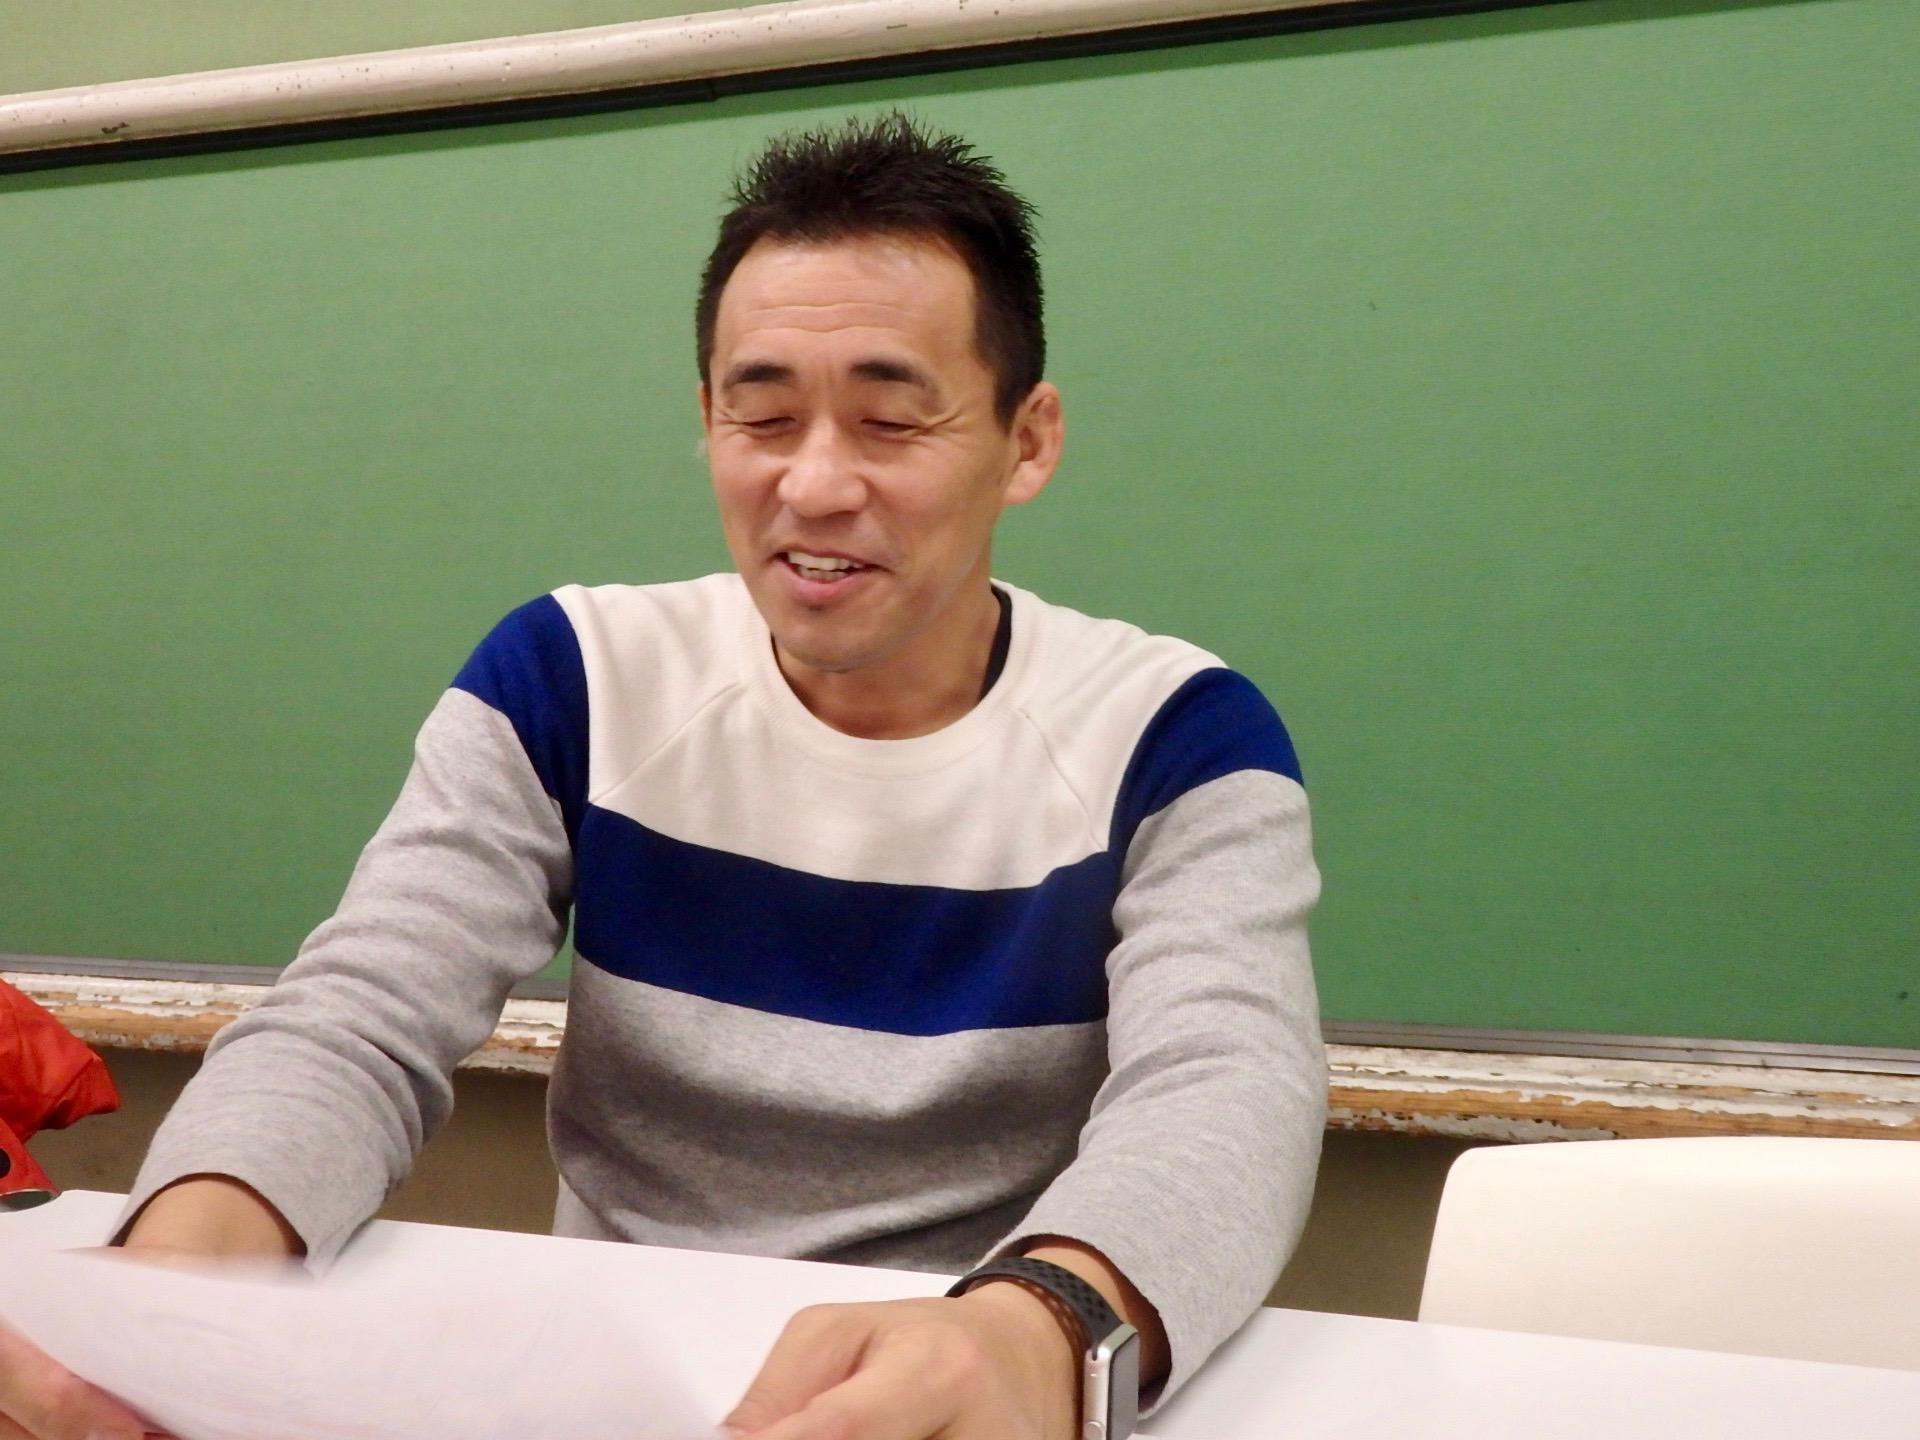 http://news.yoshimoto.co.jp/20180214181758-11957542a359d3ce1ebea5ebf62142424cb1a041.jpg